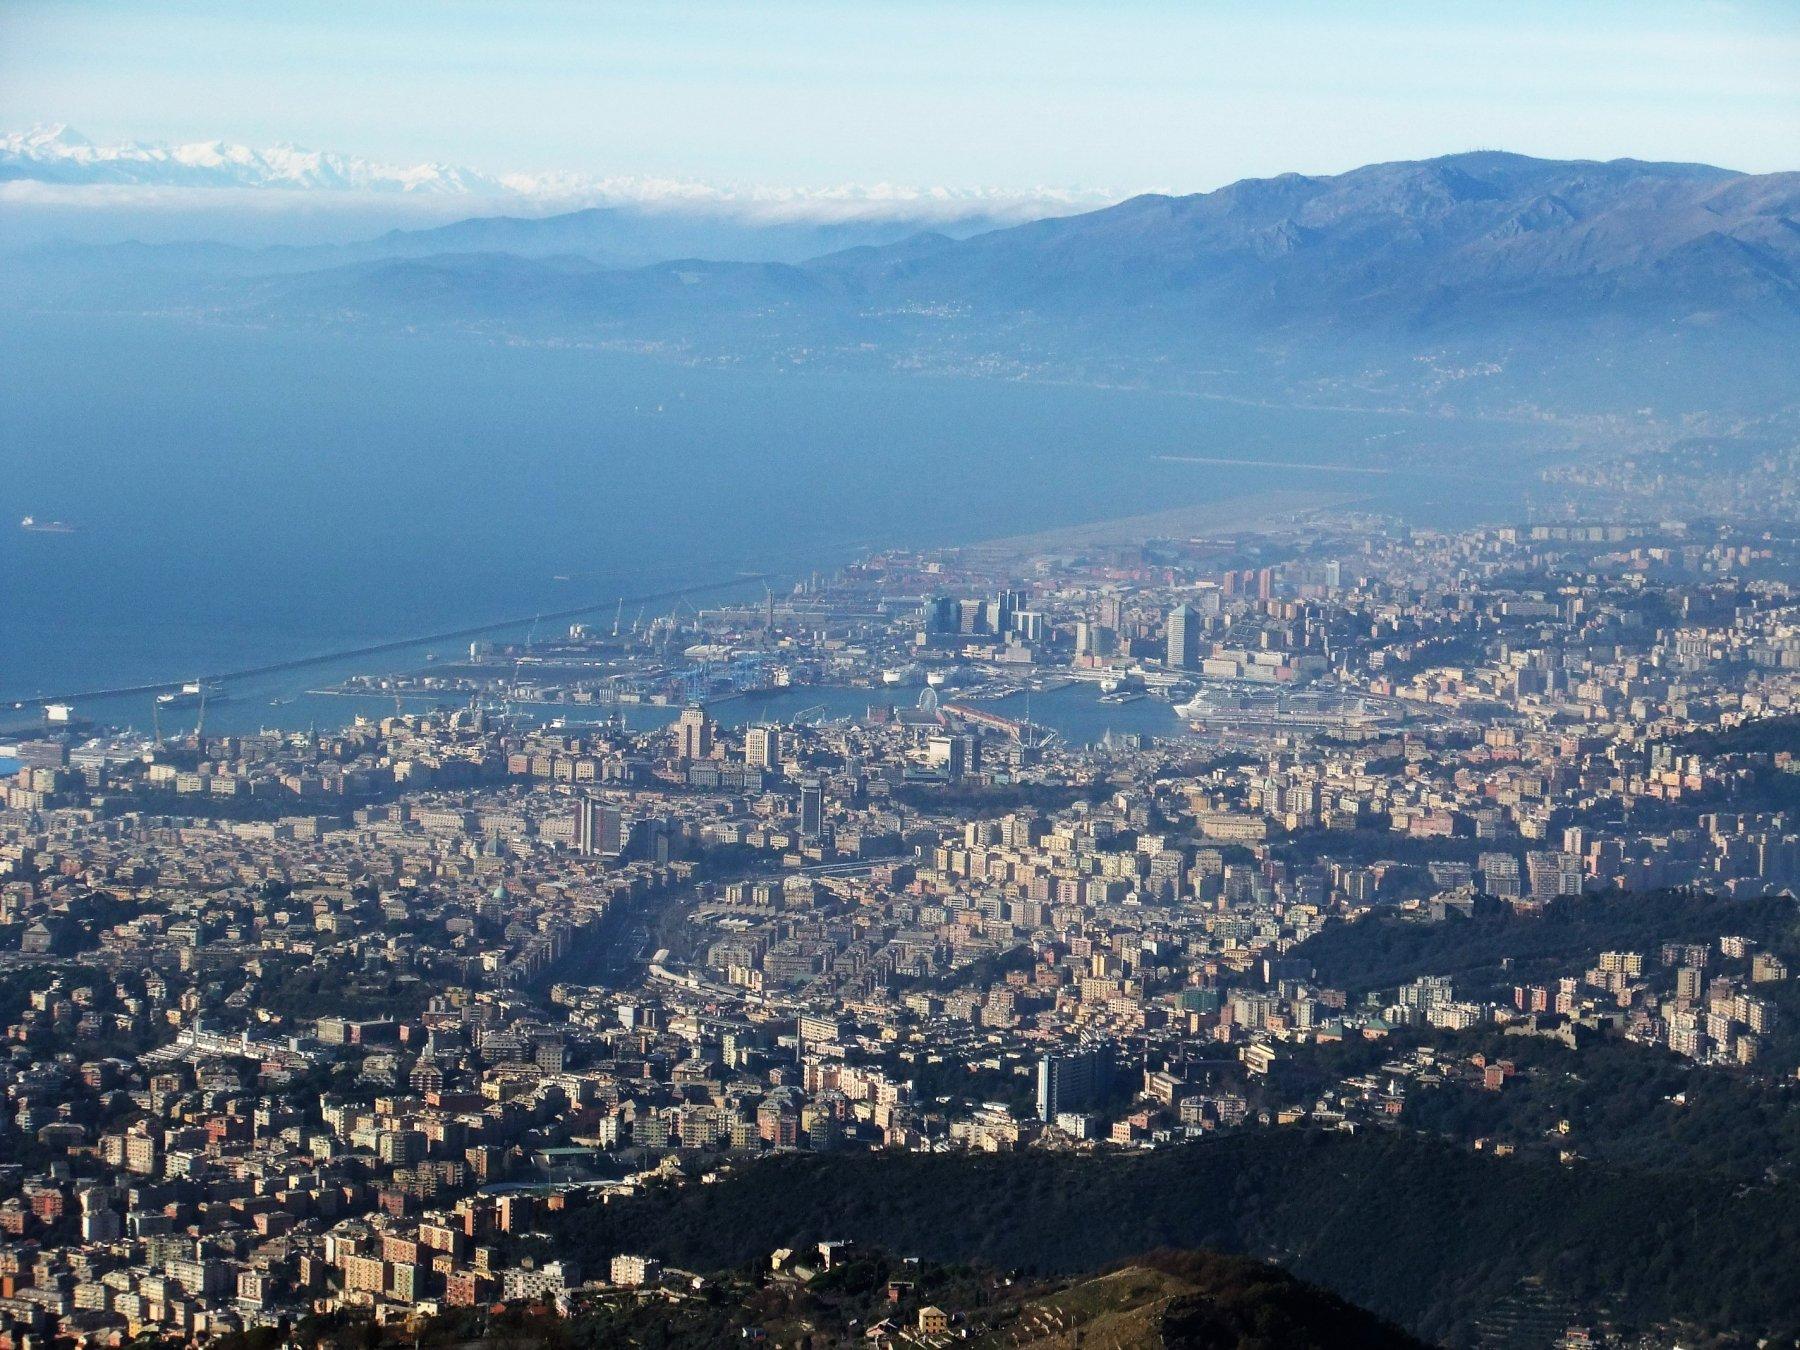 Il centro di Genova dal Monte Fasce